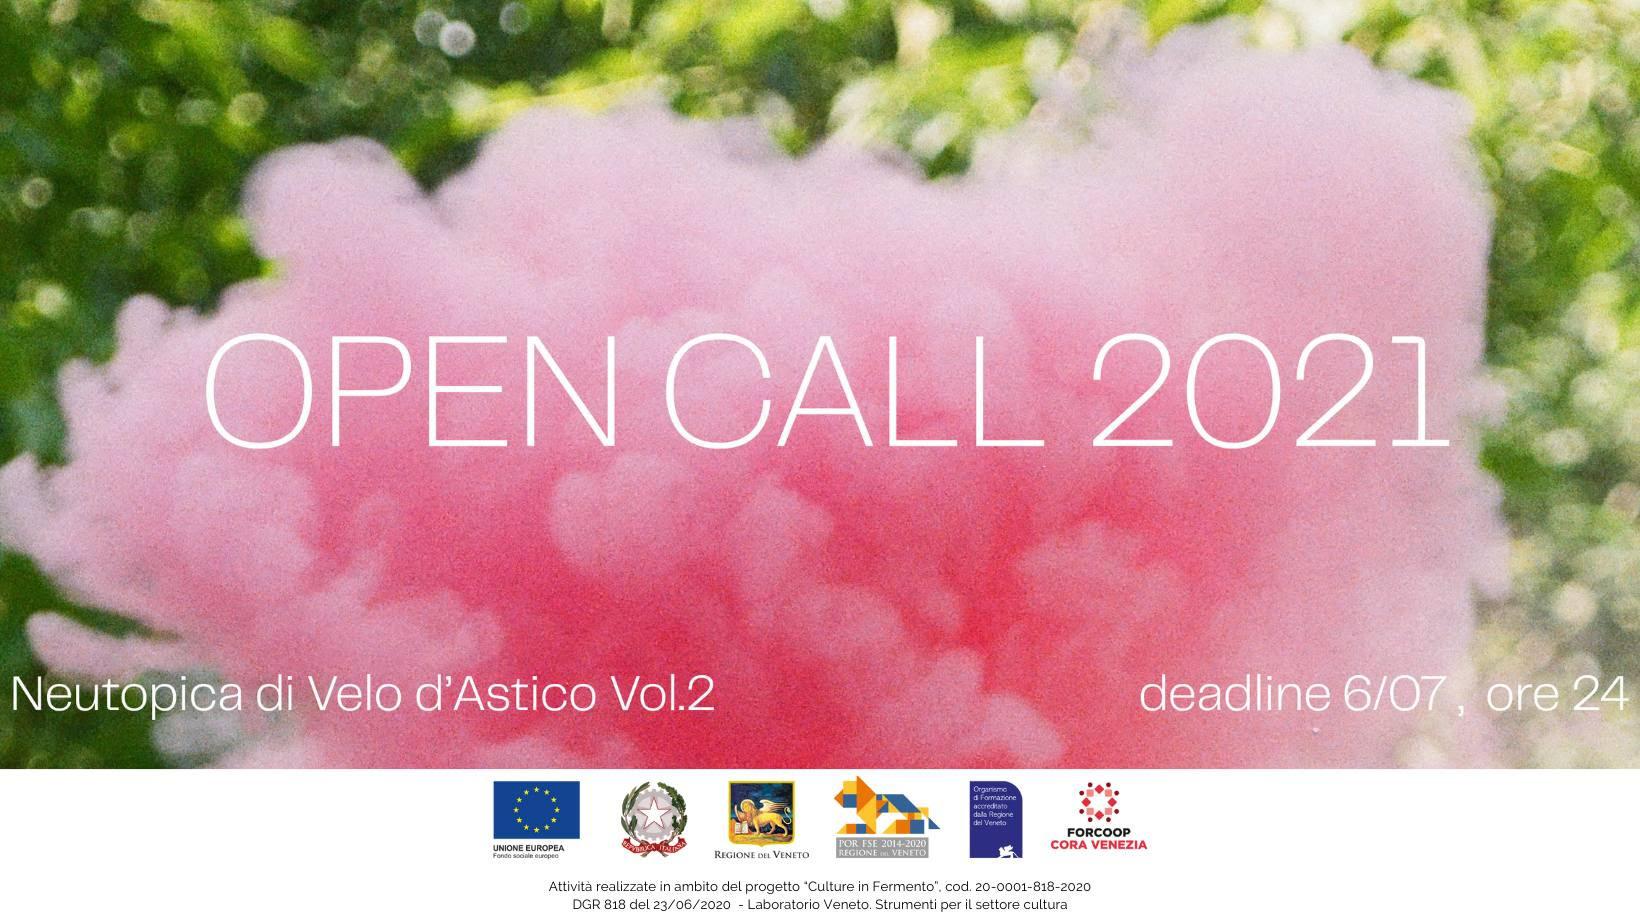 Neutopica di Velo d'Astico vol.2 Open Call 2021